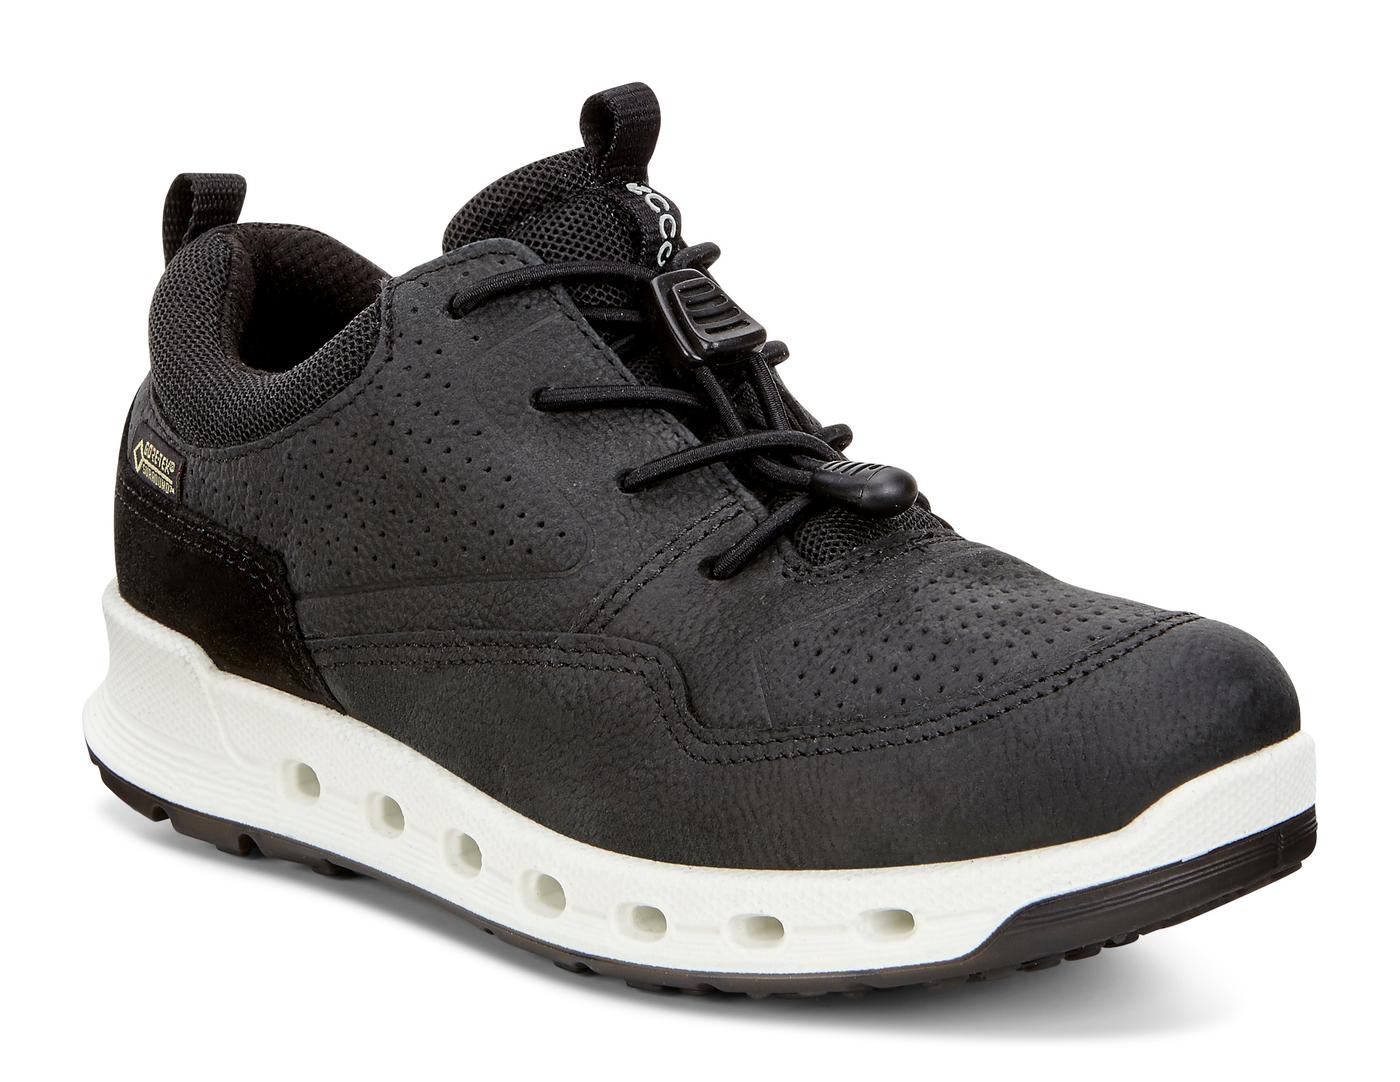 ECCO COOL KIDS Shoe